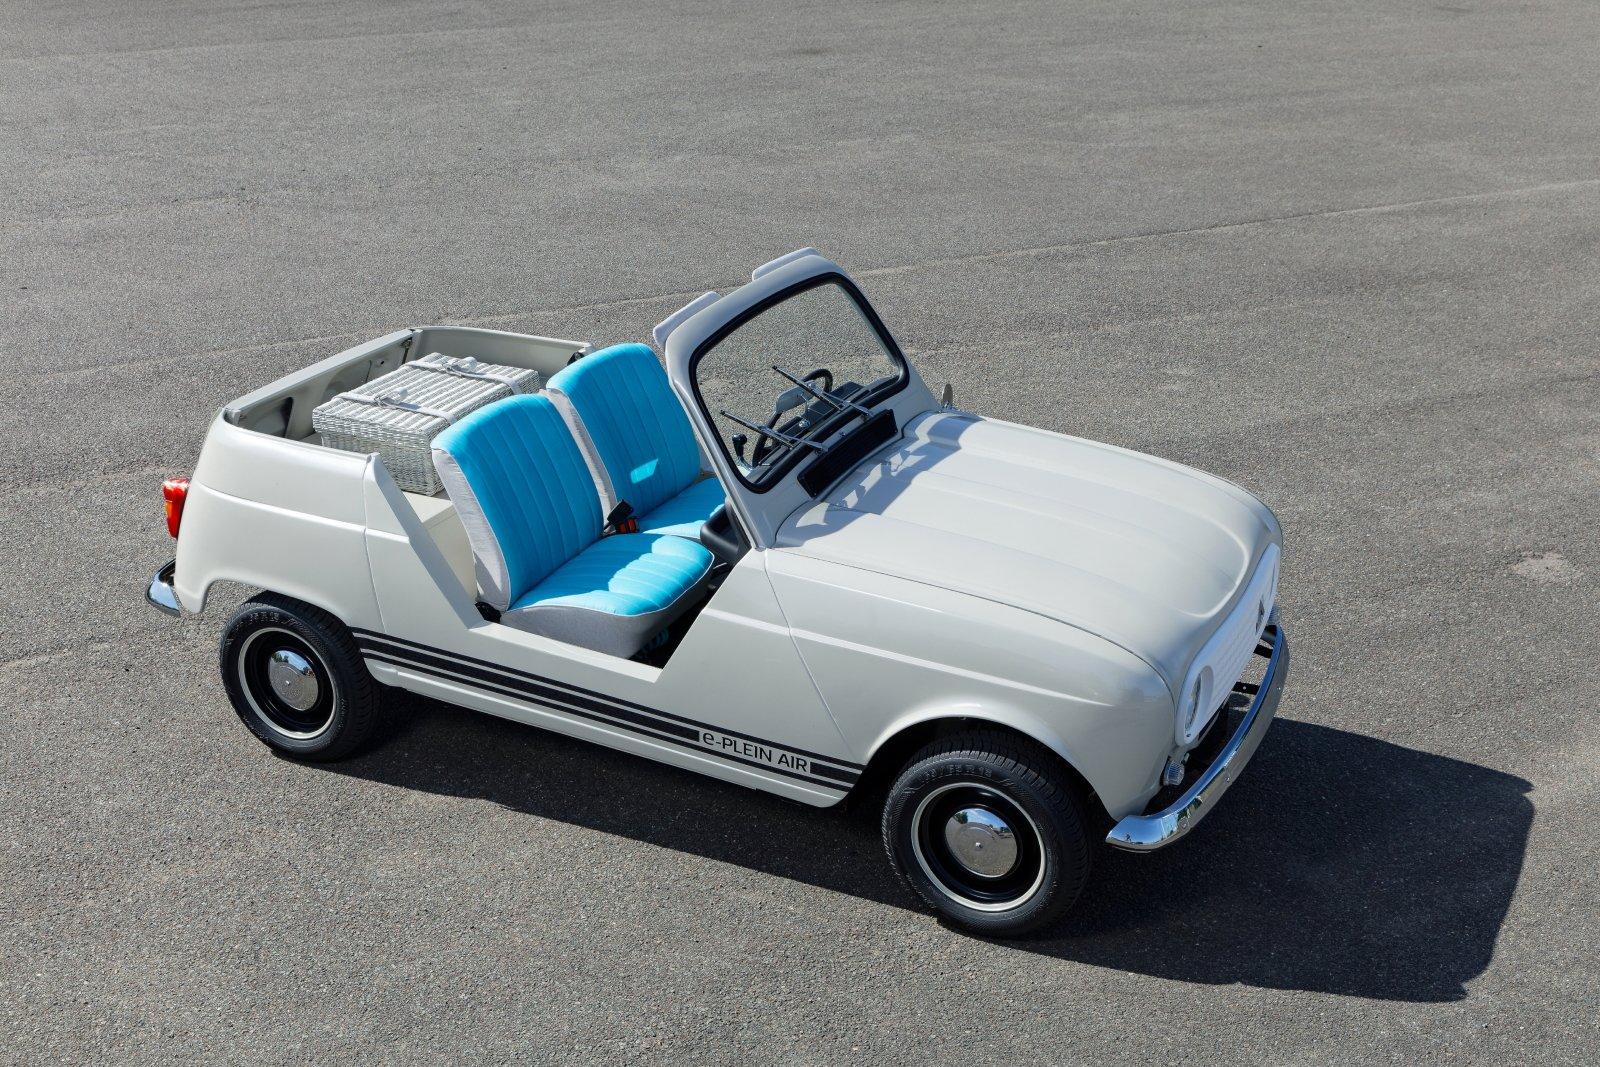 Nostalgie quand tu nous tiens : la Renault 4L Plein Air ressuscitée en mode électrique